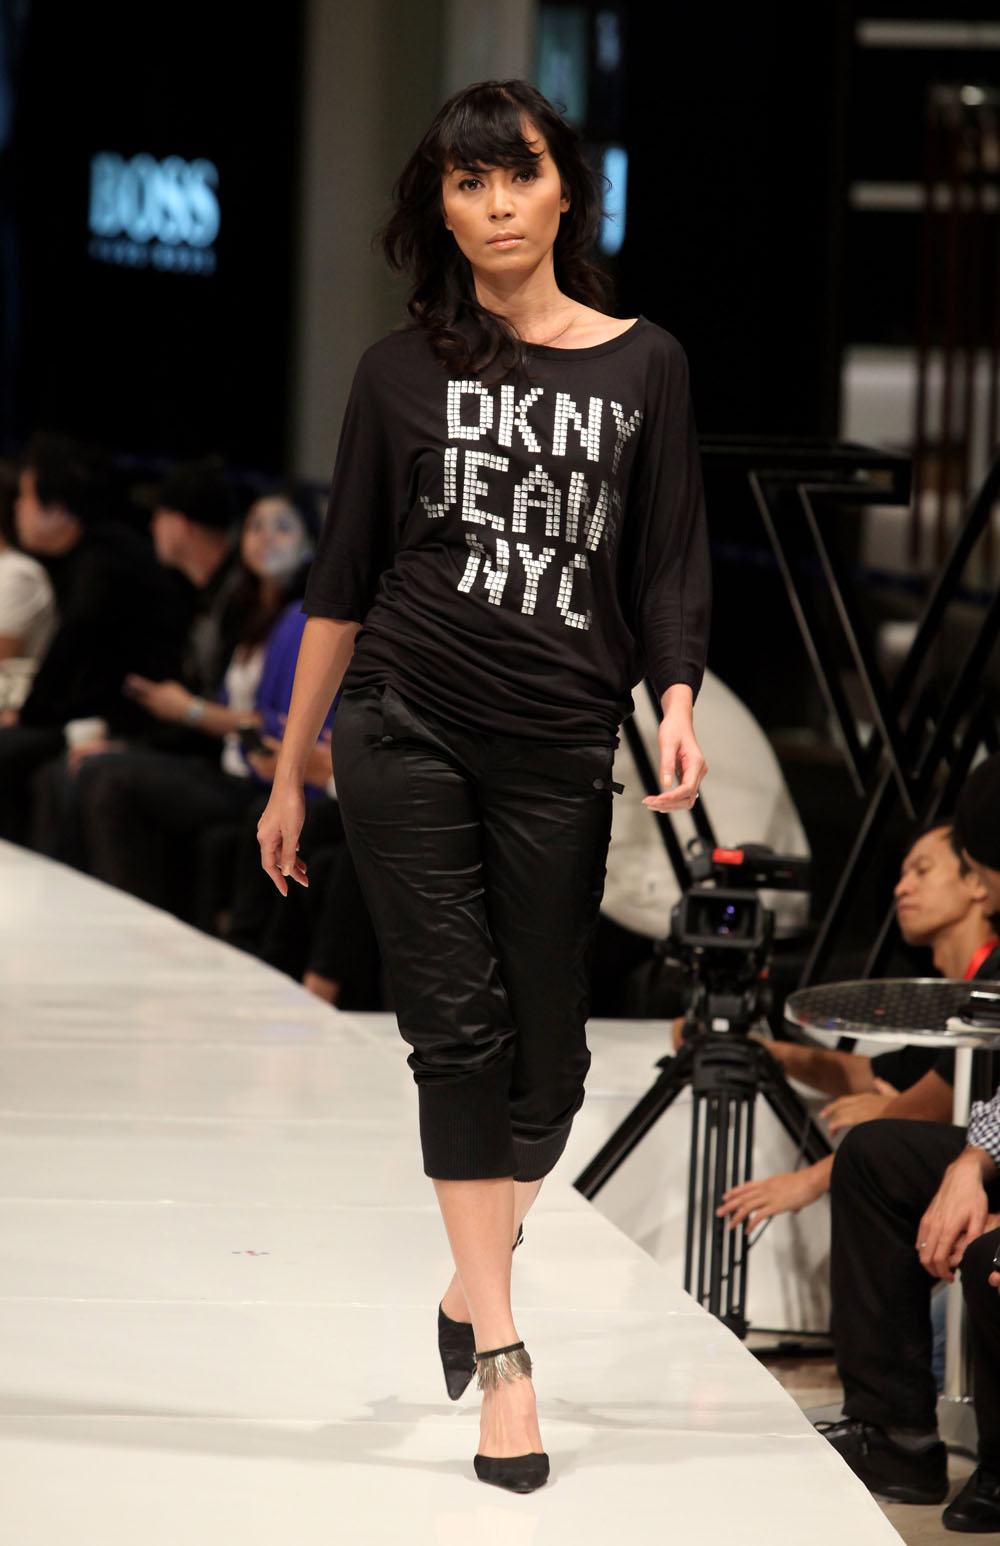 Jakarta Fashion Week 2009/10 - Day 6 - THE CHOSEN ONES